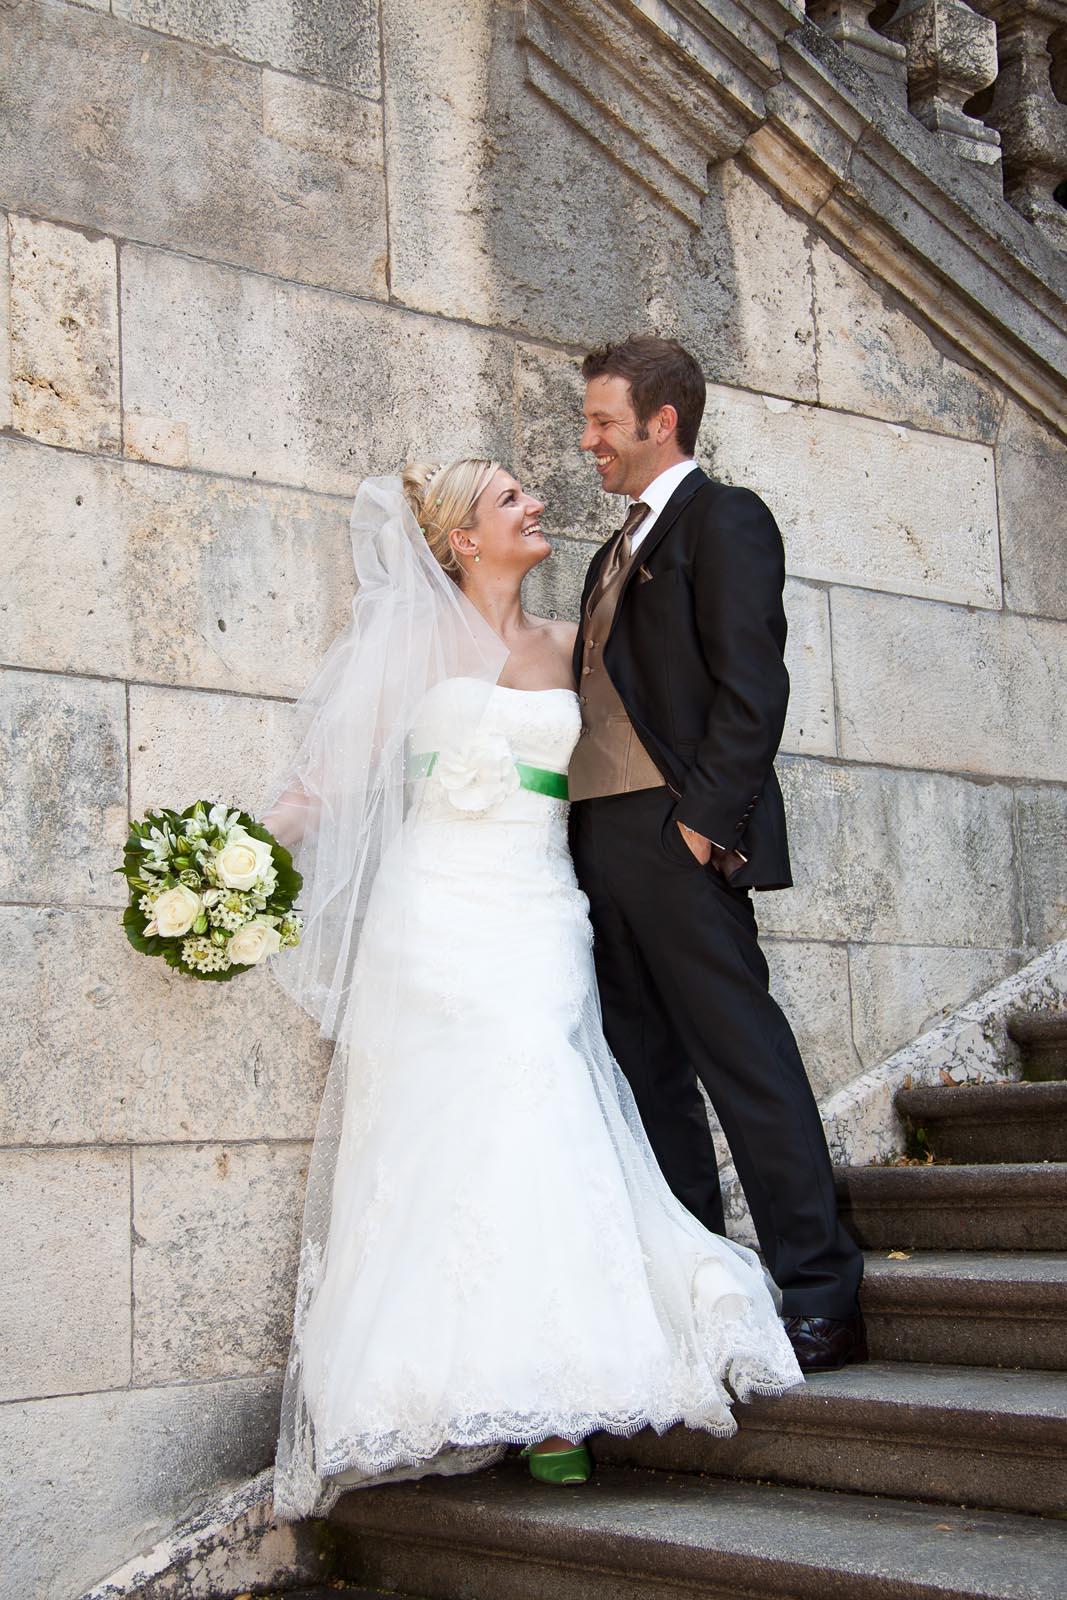 Hochzeitsportraits-Bindl-Hochzeitsportraits-Bindl-8331.jpg